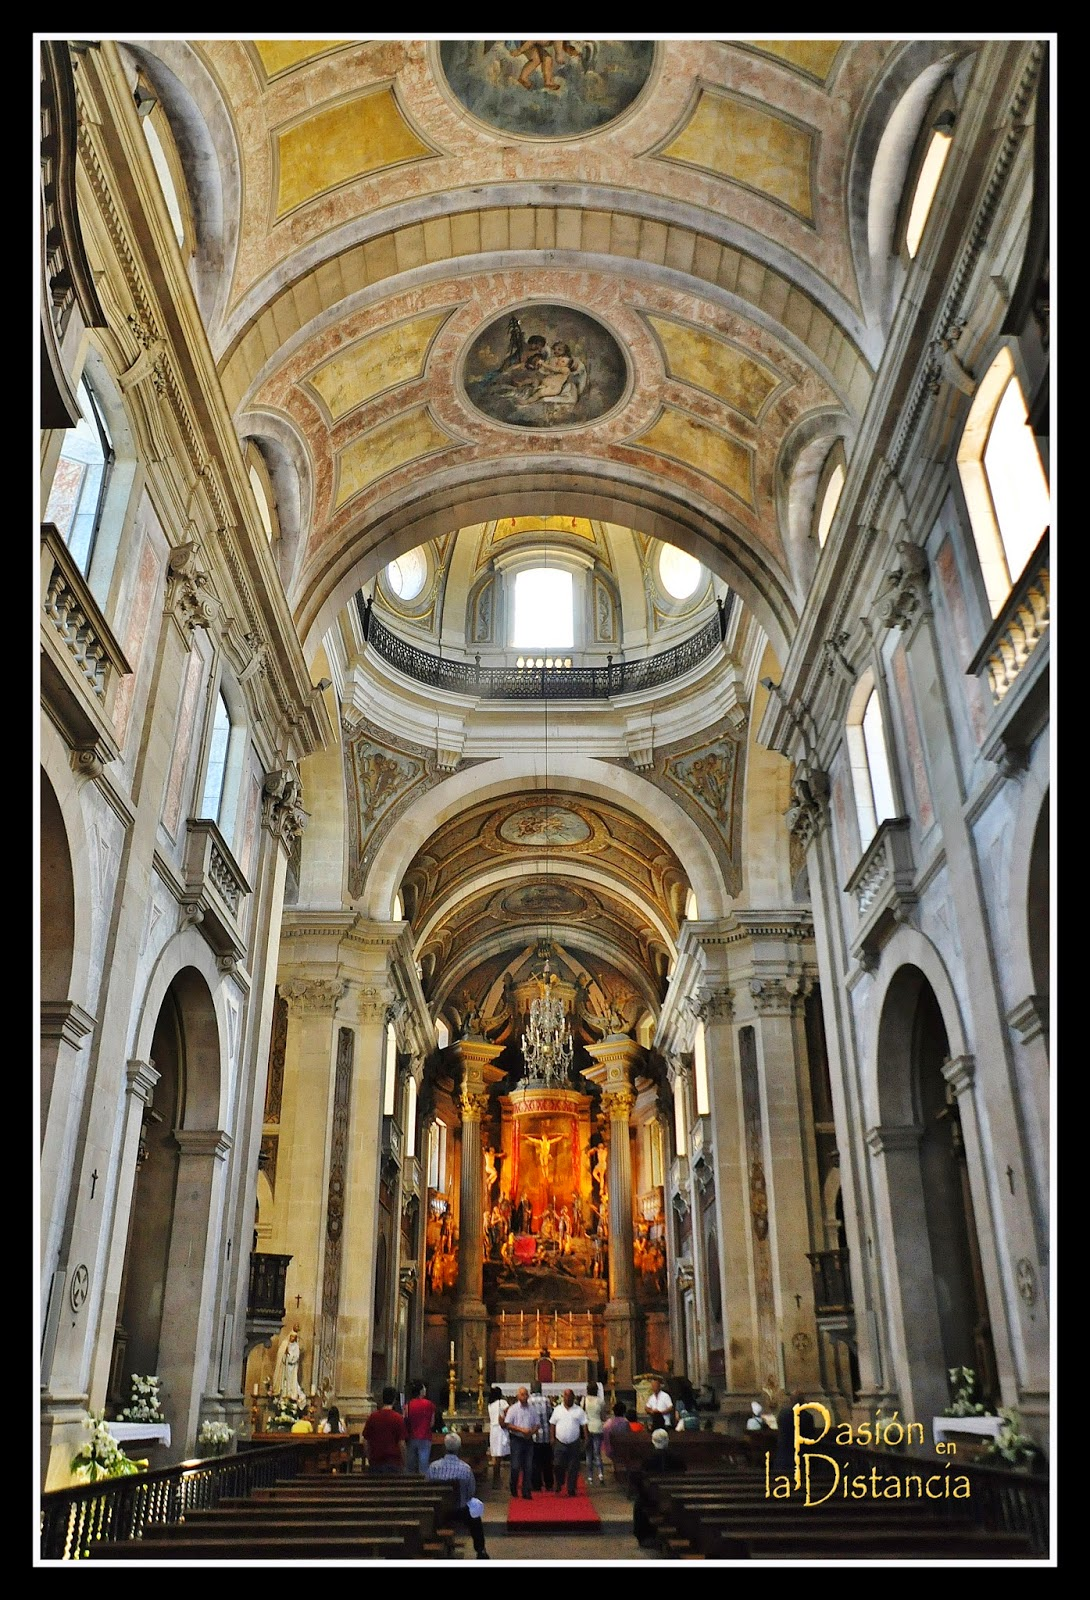 iglesia del buen santo braga portugal